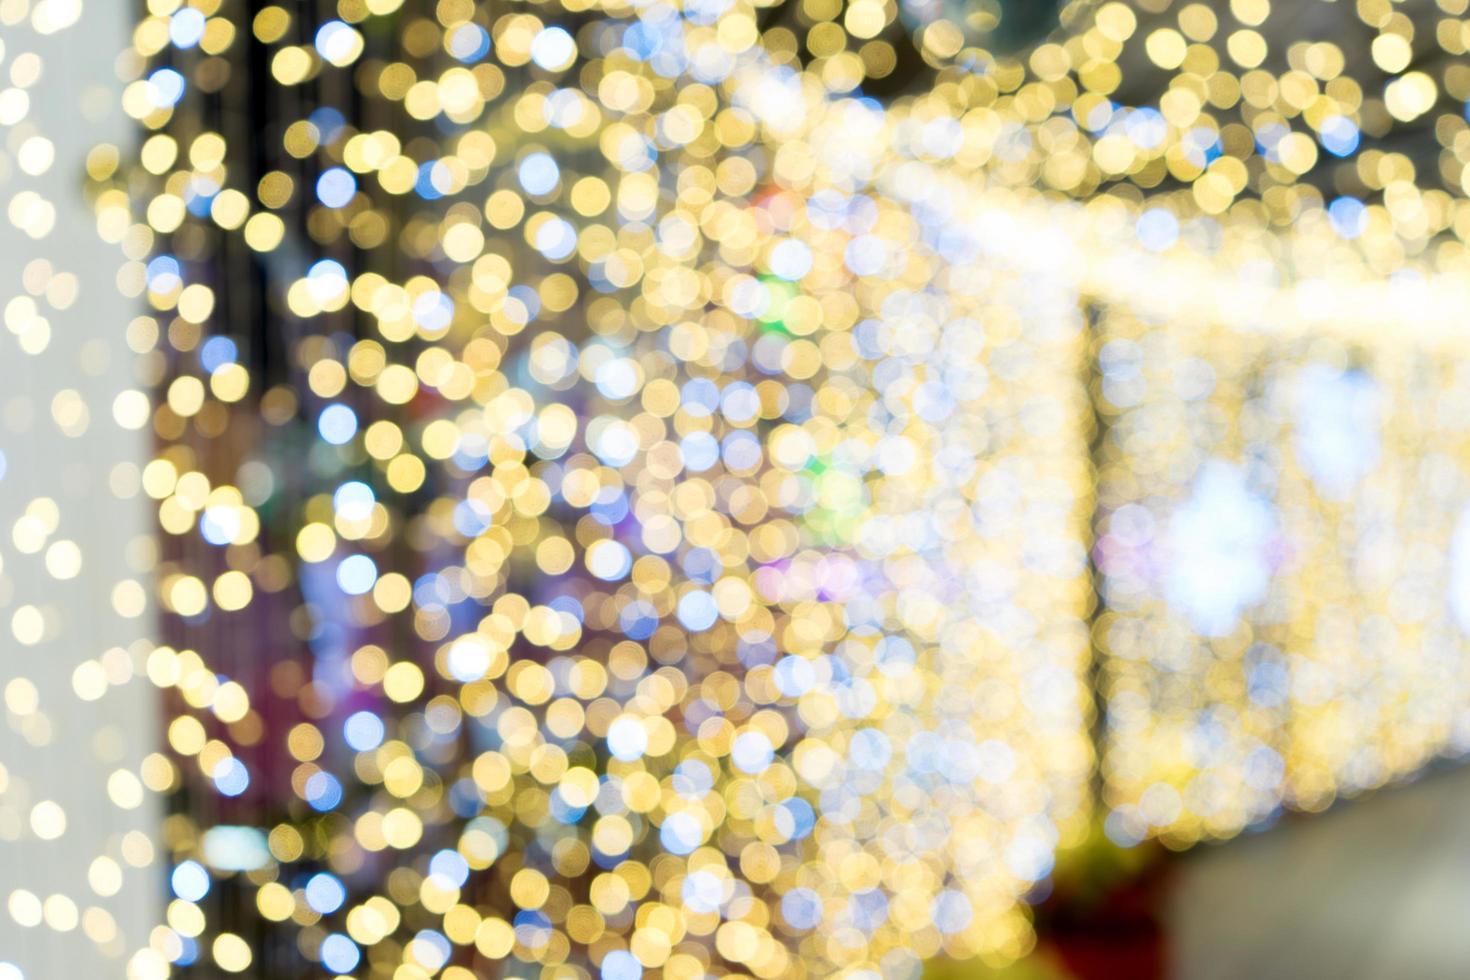 Bokeh holiday lights at night photo